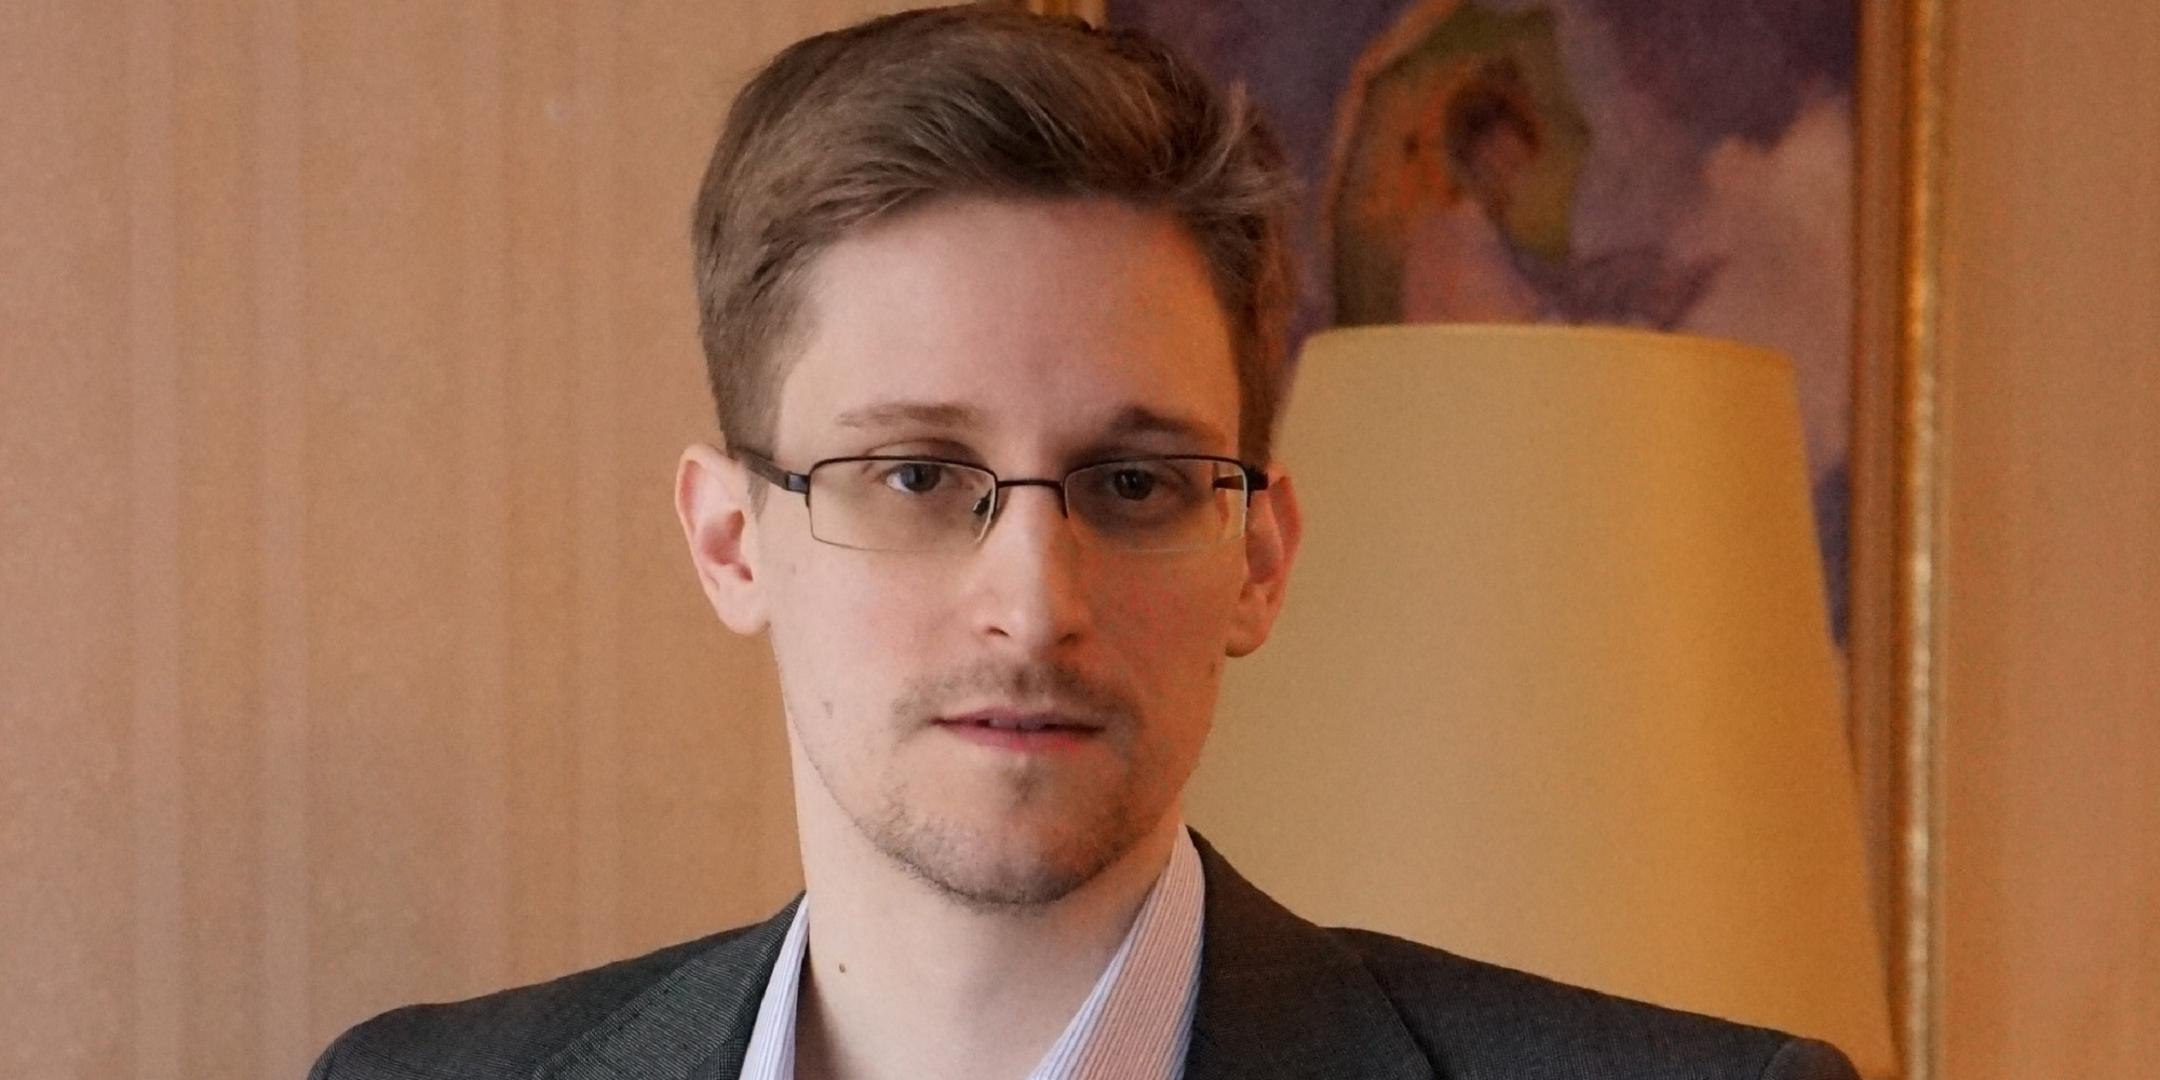 Edward Snowden For Desktop